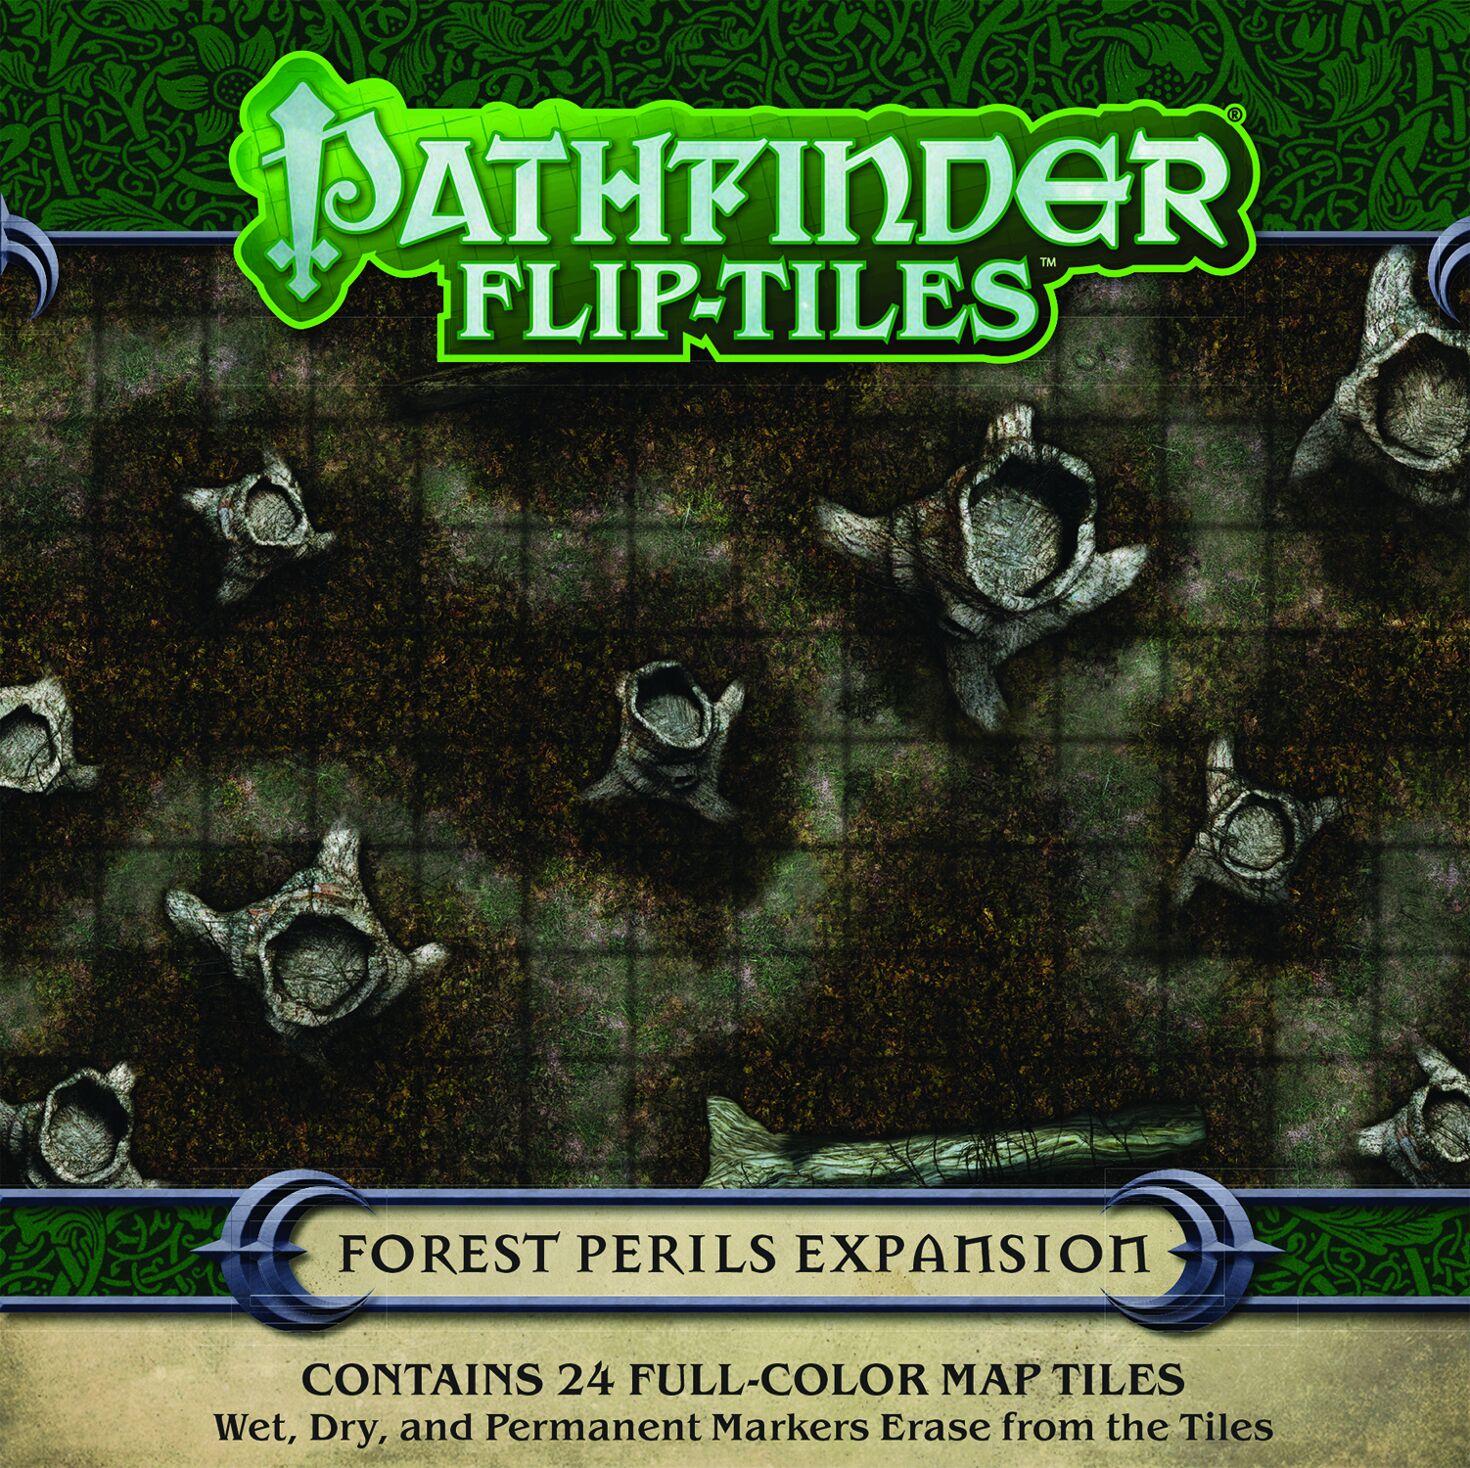 pathfinder-flip-tiles-forest-perils-expansion.jpg